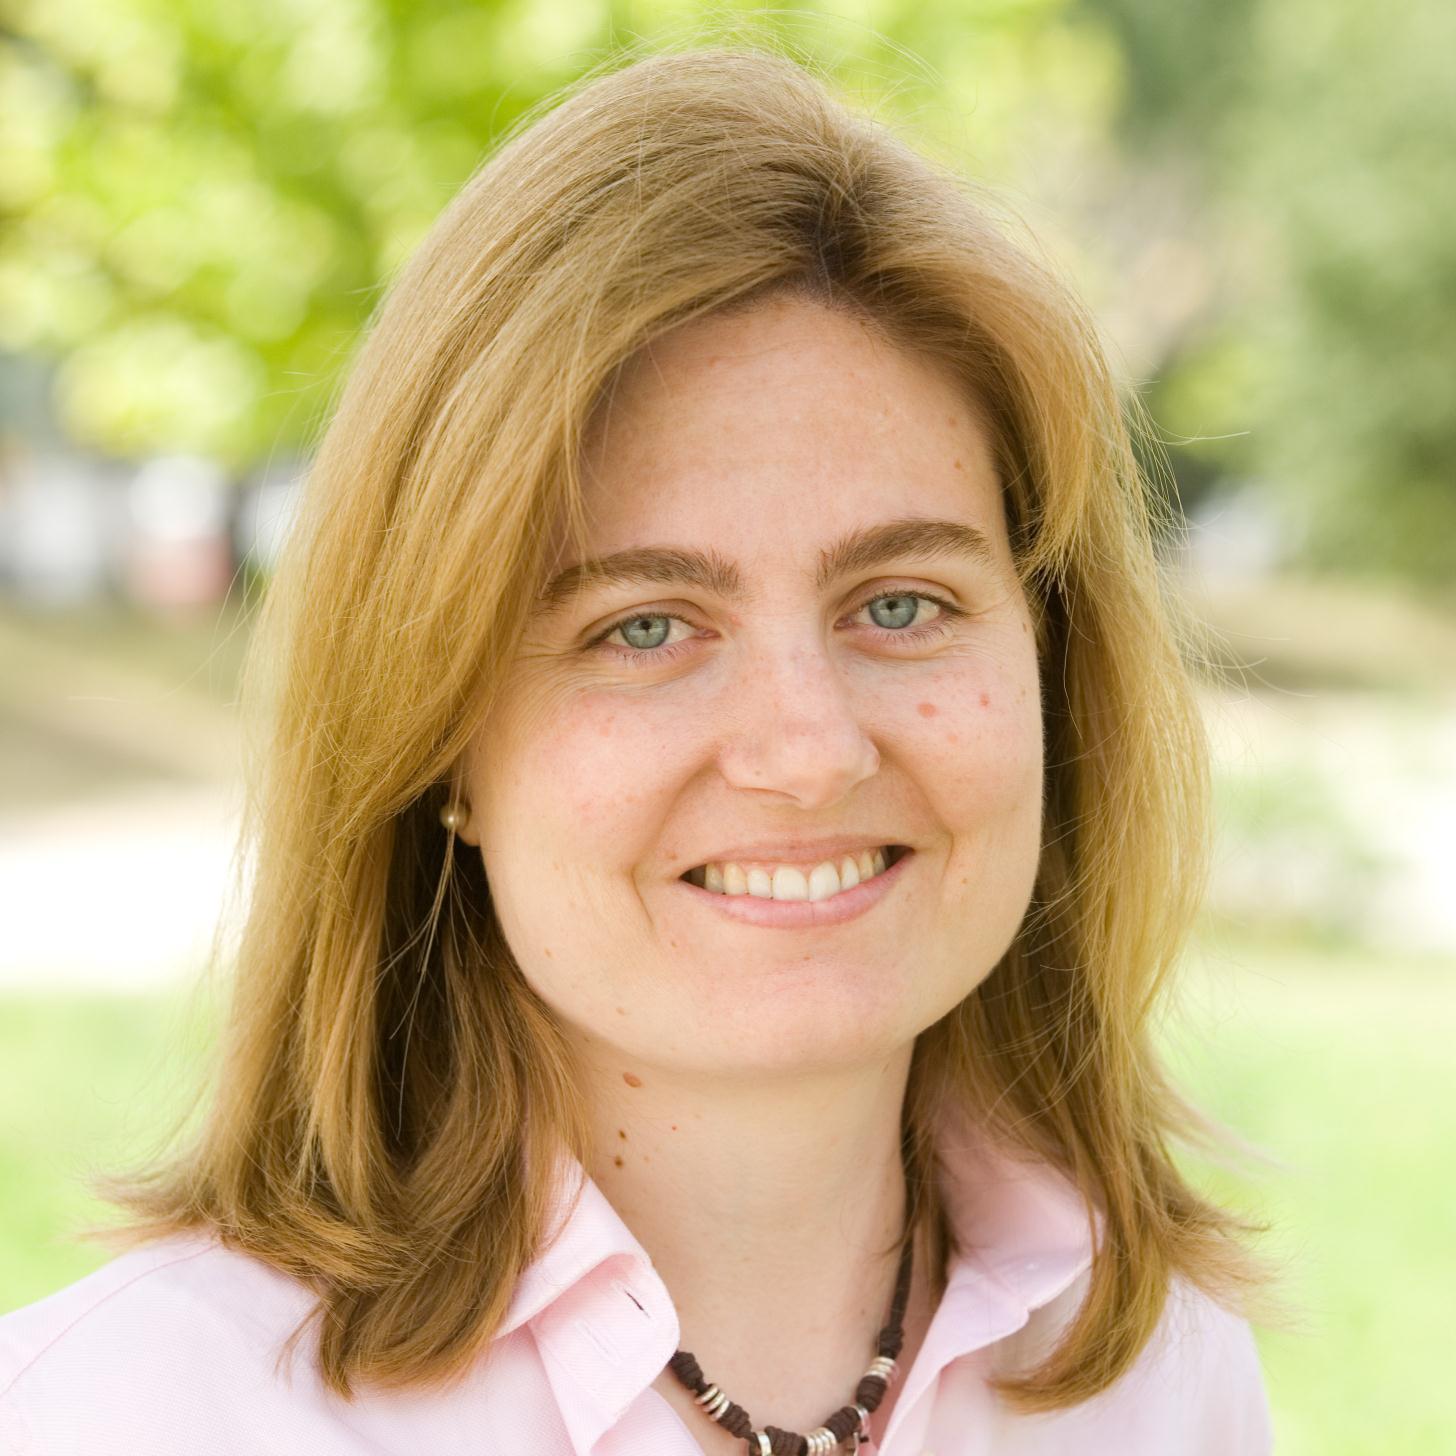 Entrevista a Cristina Álvarez, Jefa de Programación de la Dirección General Comercial de CLH